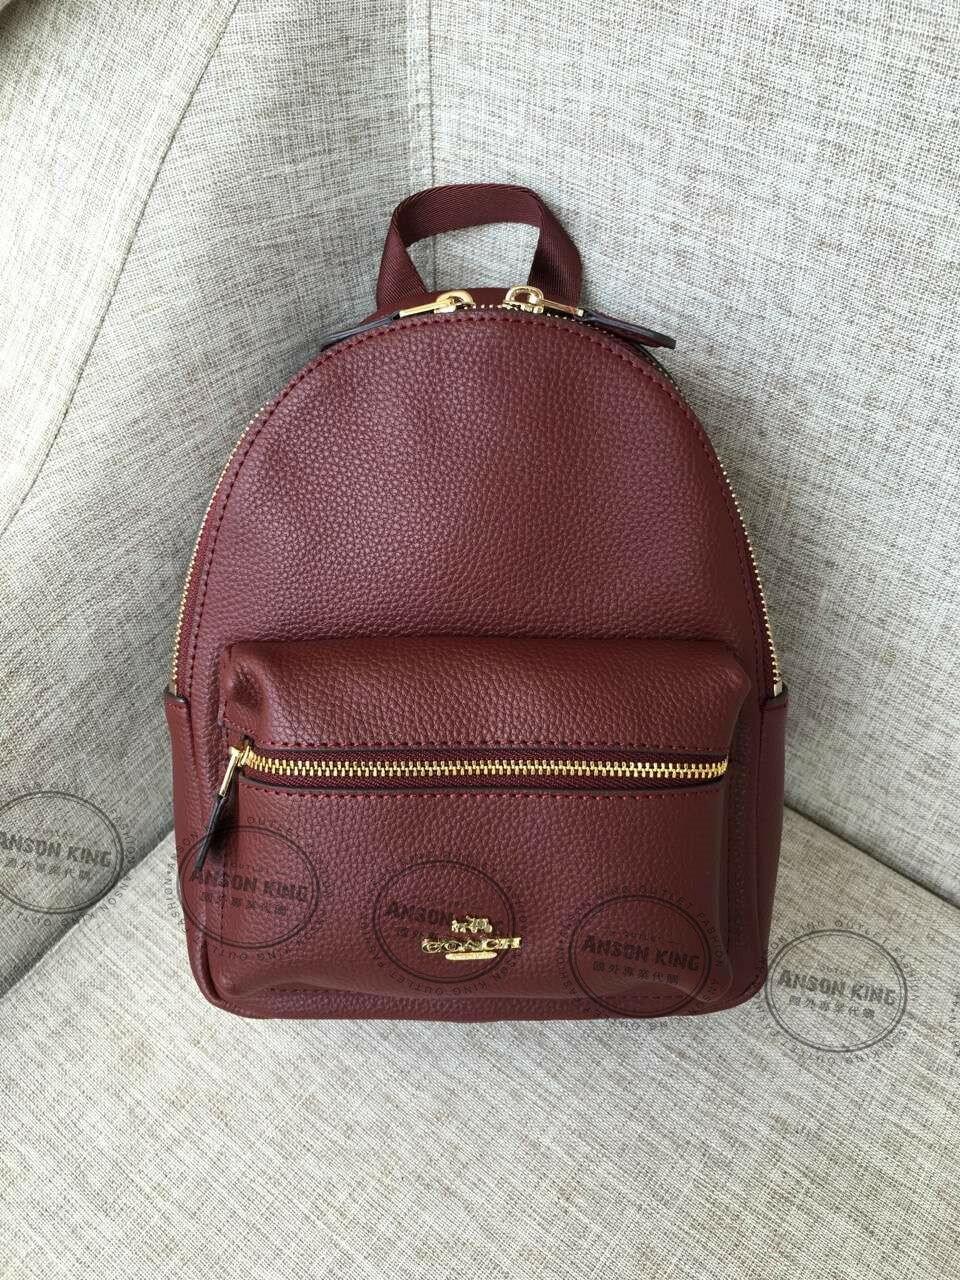 美國Outlet代購 Coach 全新正品 F38263 Backpack純色迷你後背包 紫色 雙肩包 書包 多色可選